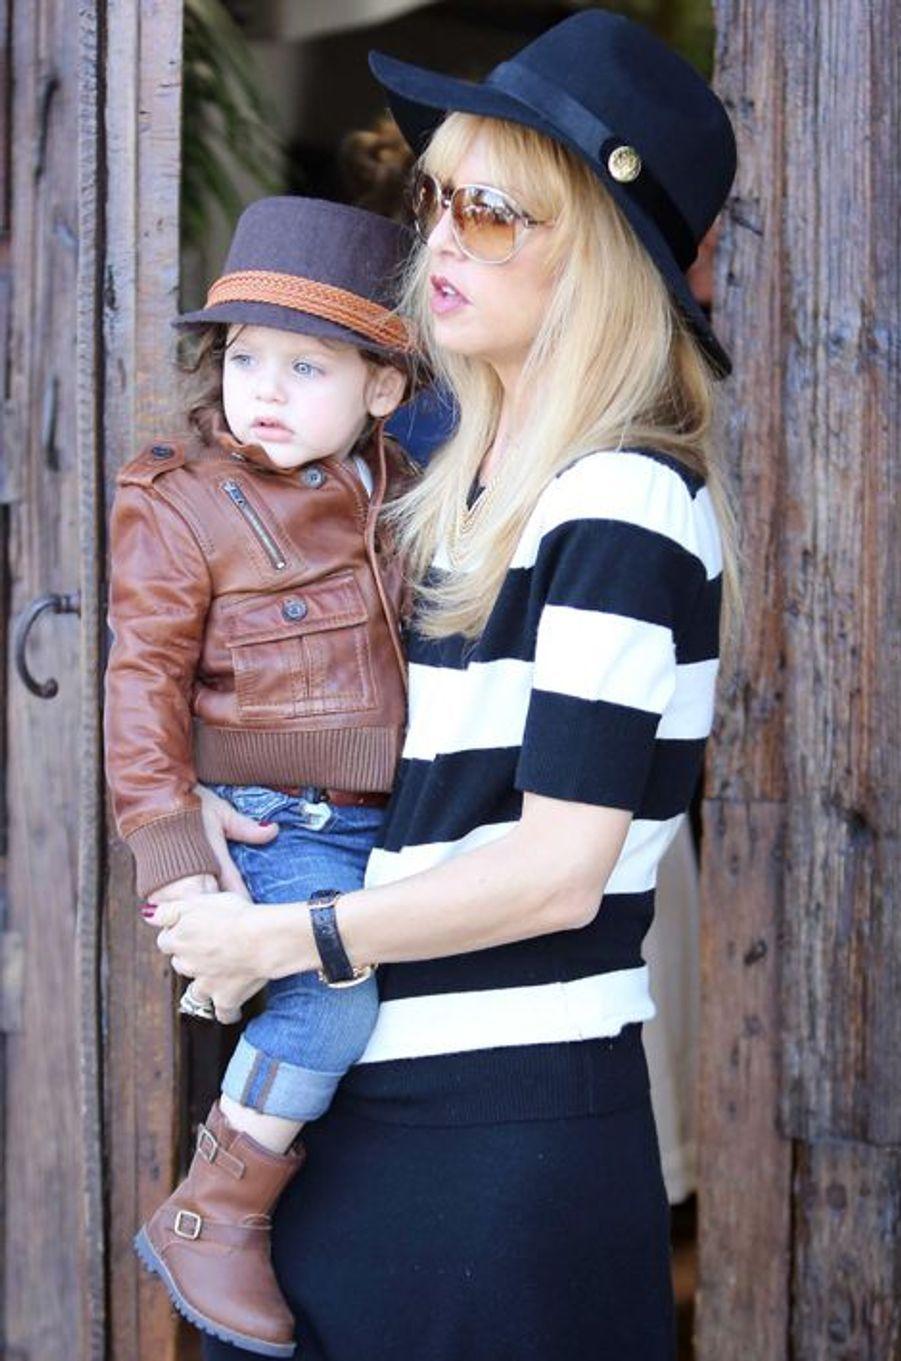 Mariée au banquier Rodger Berman depuis 1996, la styliste américaine est maman de deux garçons : Skyler Morrison (ici en photo, né en 2011) et Kaius Jagger, né en 2013.